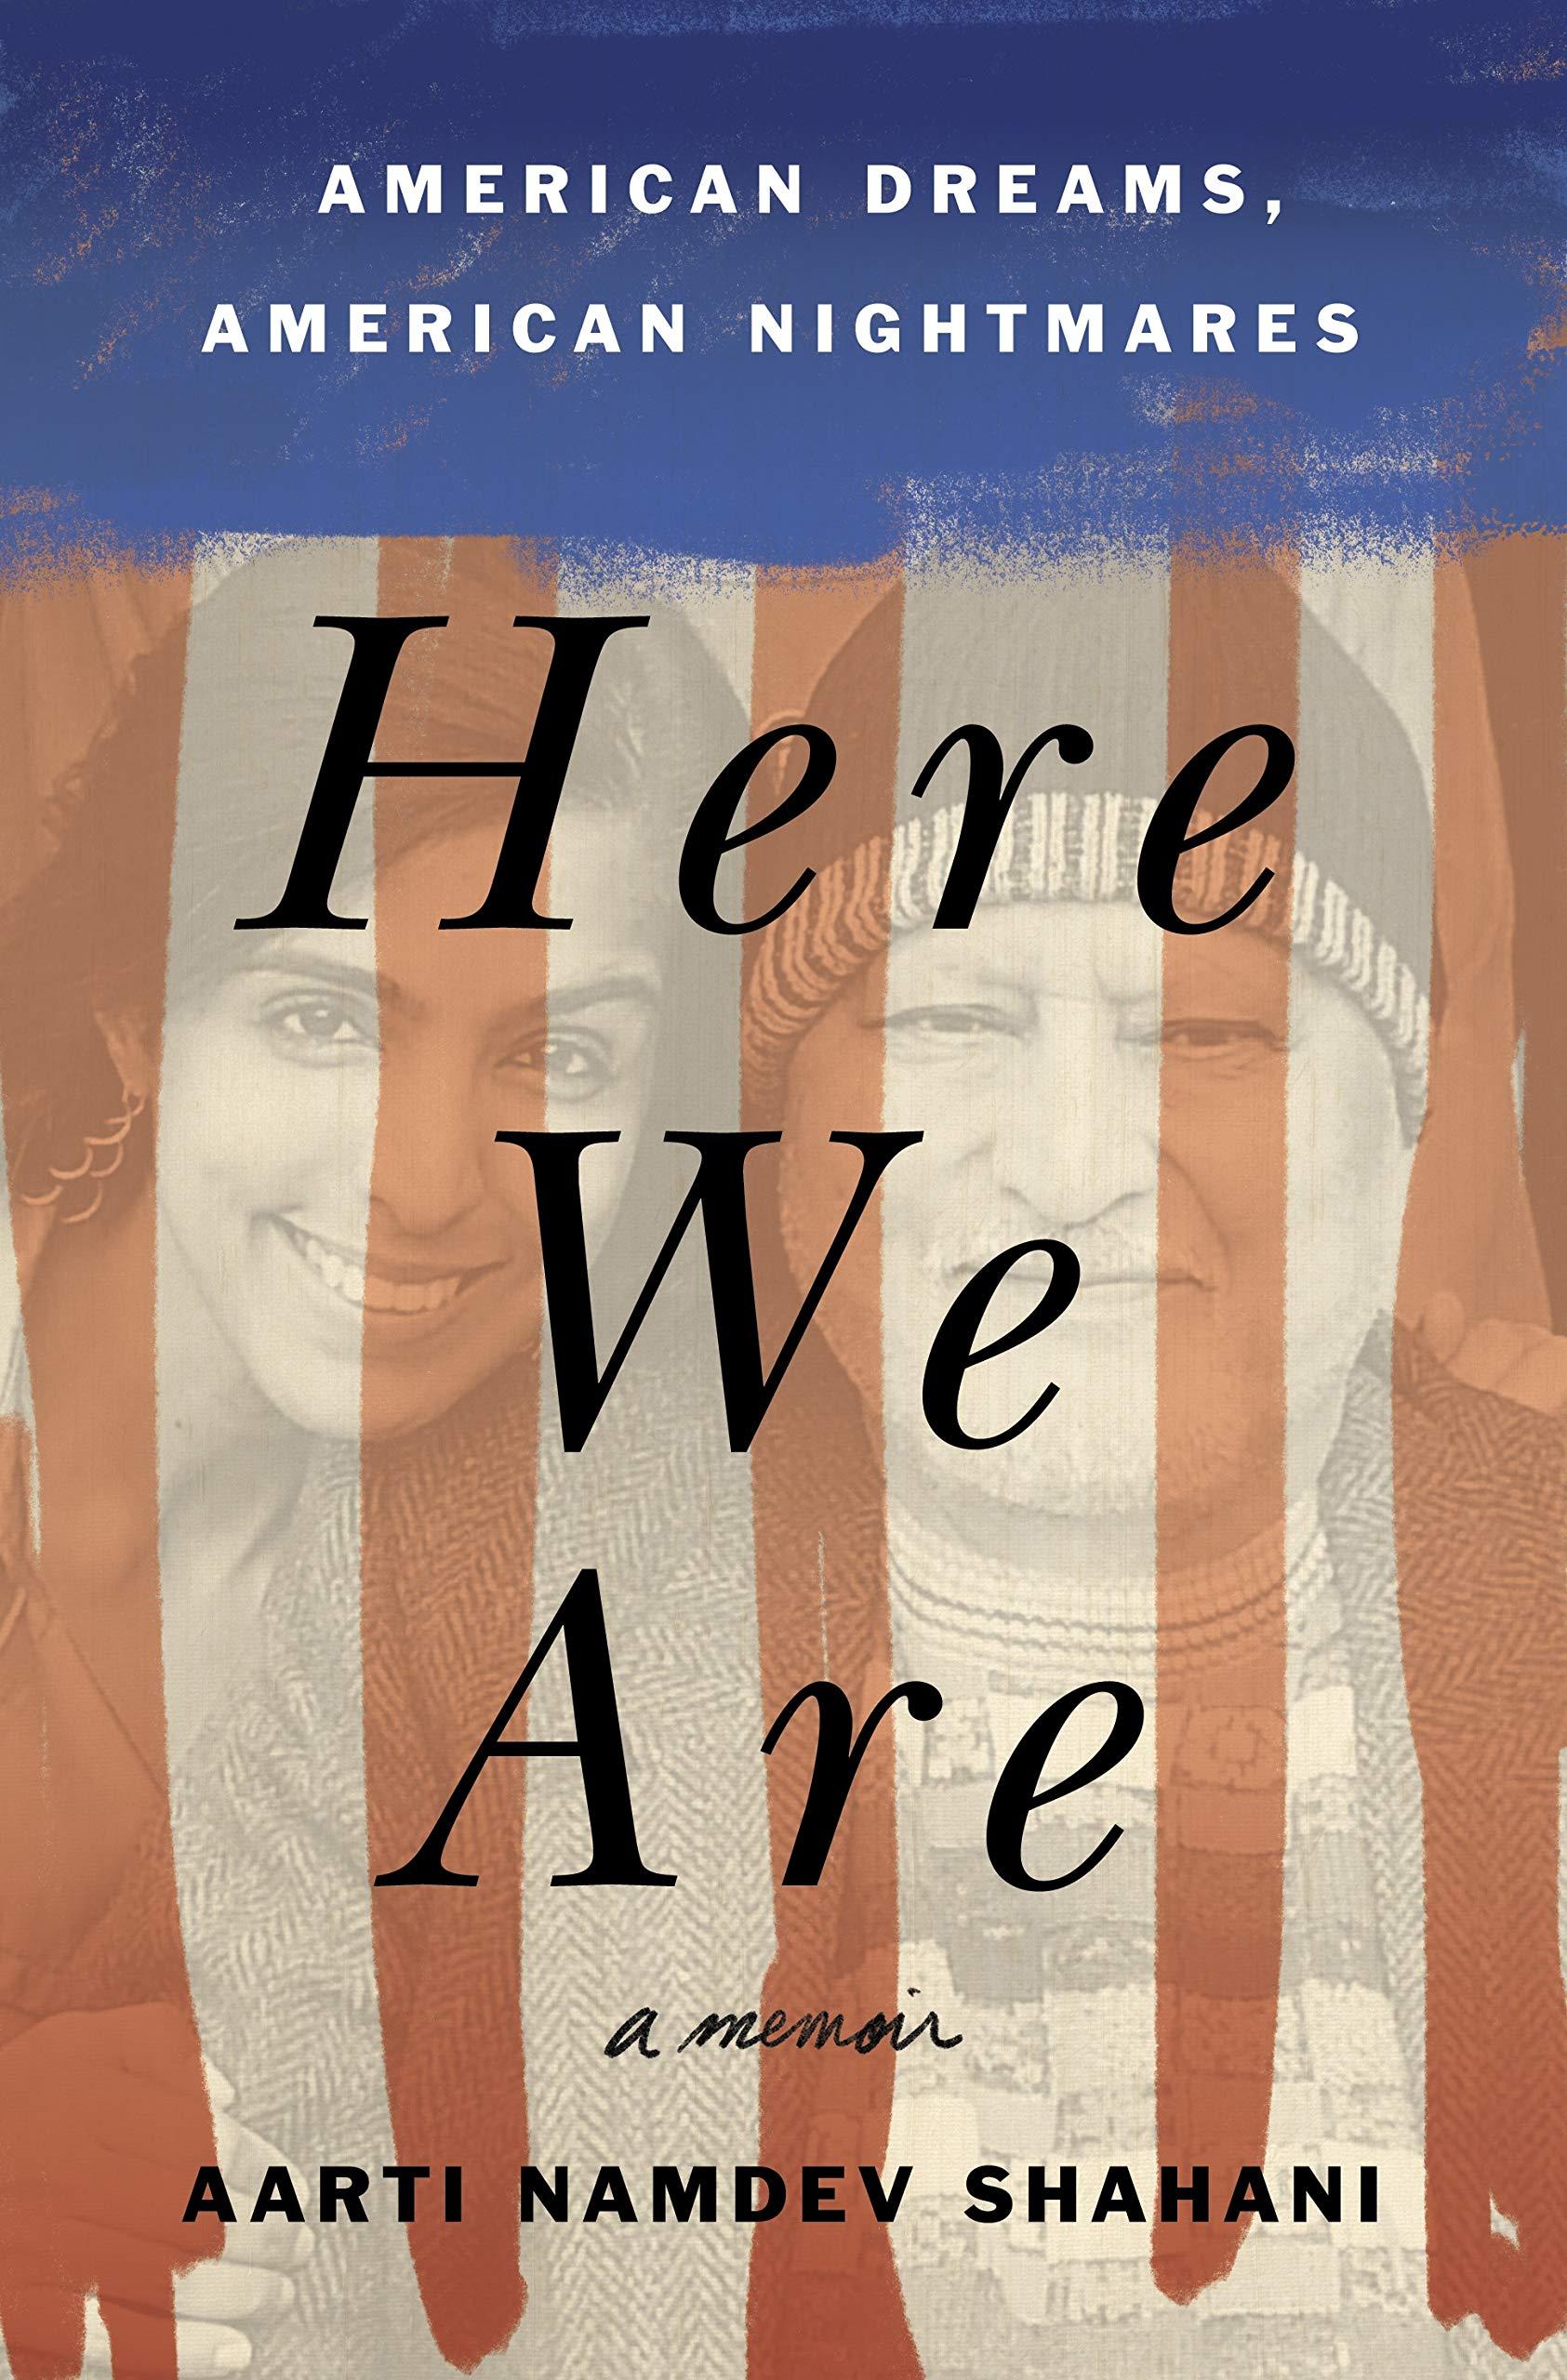 Here We Are: American Dreams, American Nightmares (A Memoir) by Celadon Books